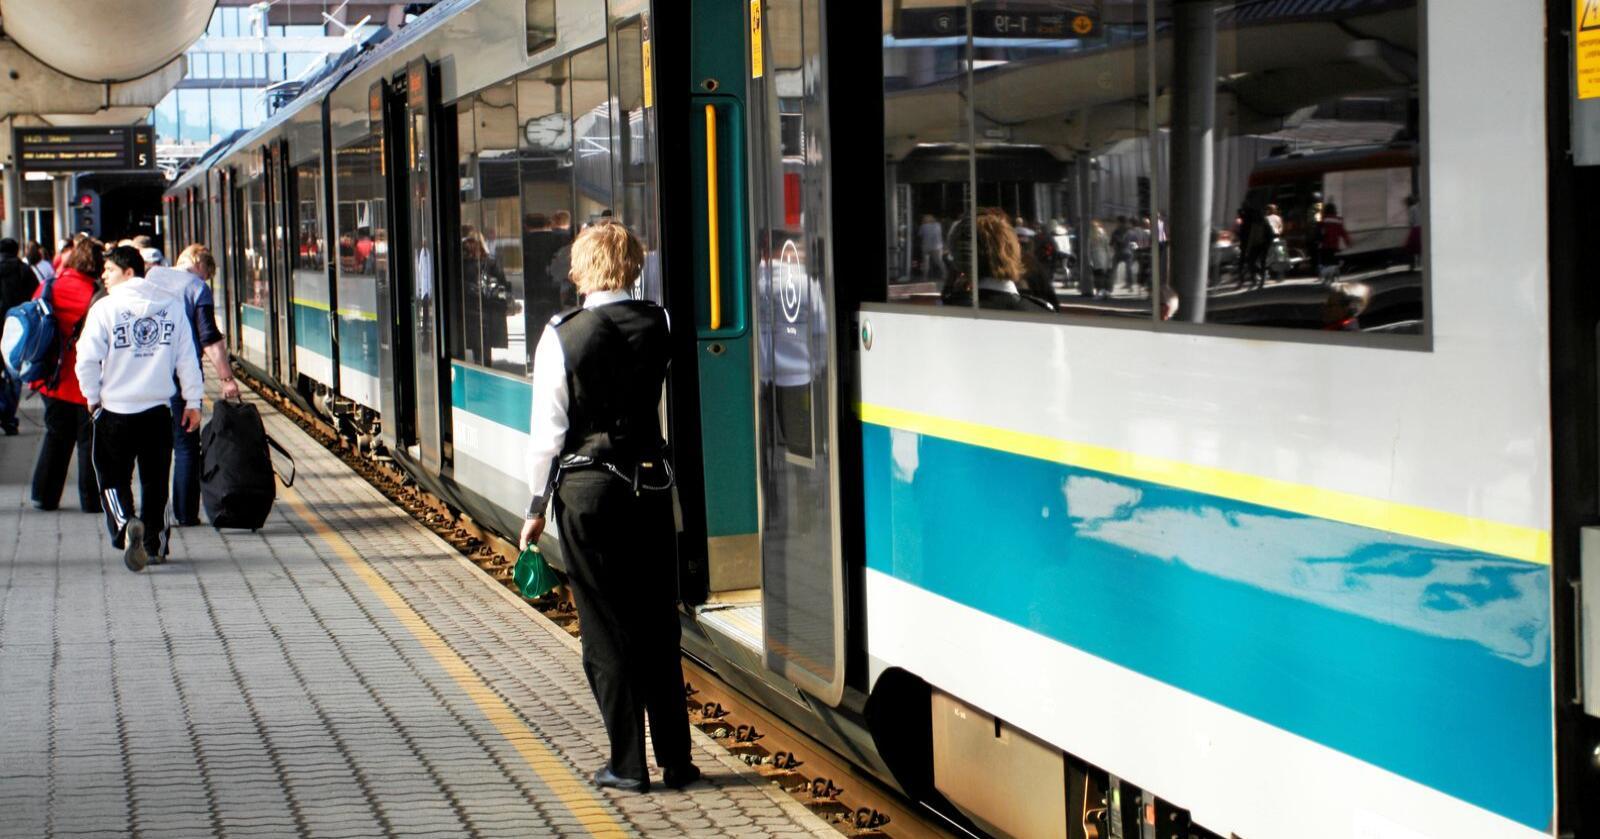 Løft: Høyhastighetsbaner vil løfte både byer og distrikter, skriver kronikkforfatterne. Foto: Mostphotos